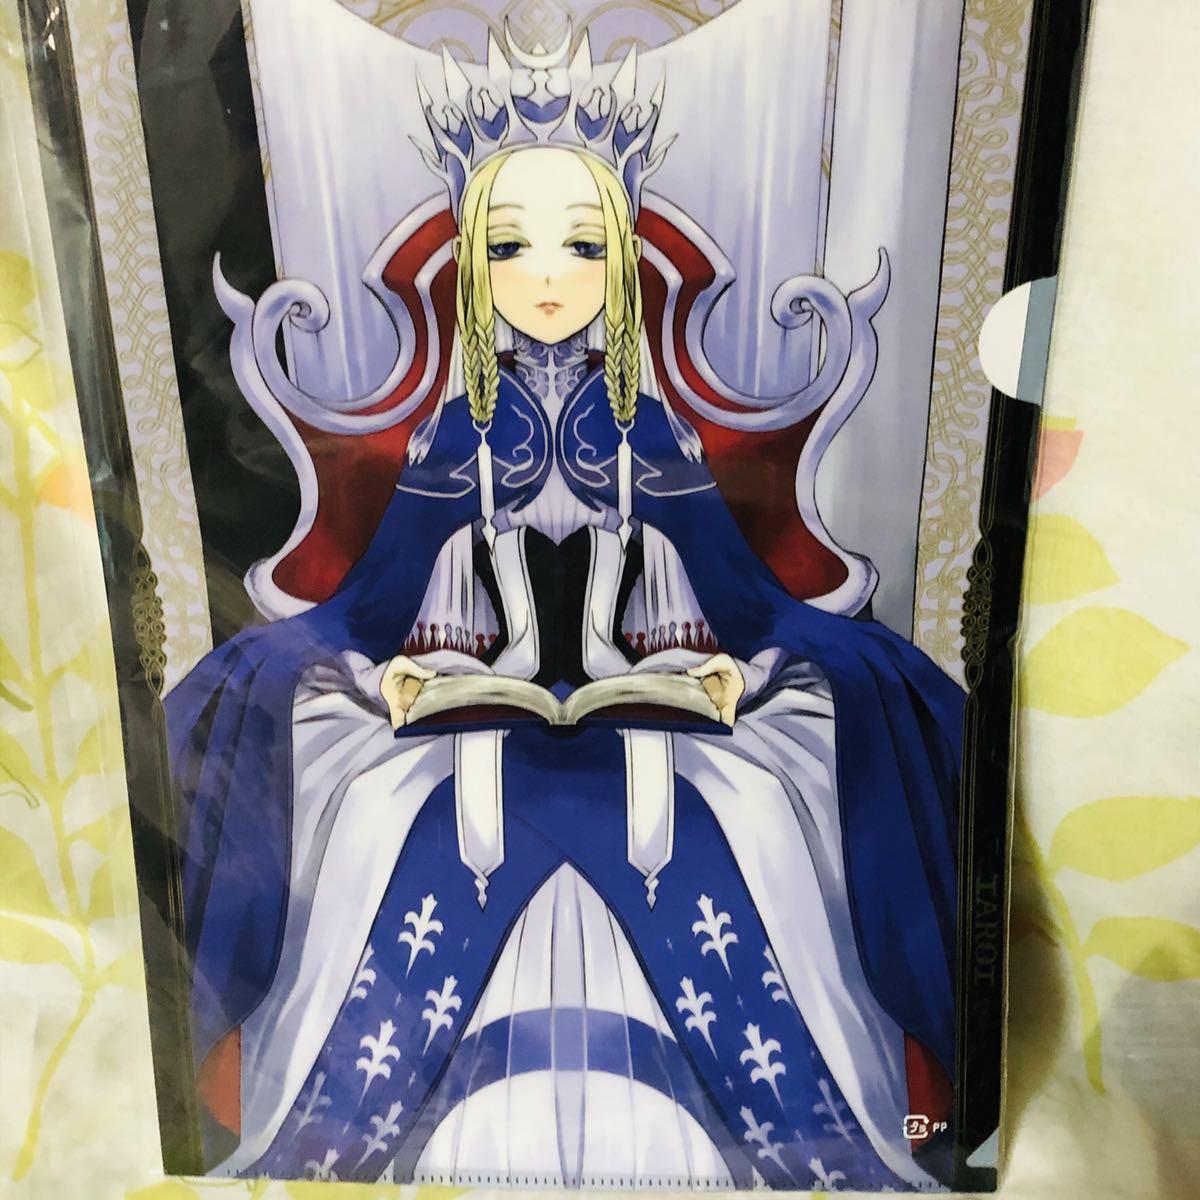 TAROT -ENIE- MAYA TAKAMURA クリアファイル 2枚セット ENIE 女教皇&月 タロット 高村真耶 コトブキヤ_画像2